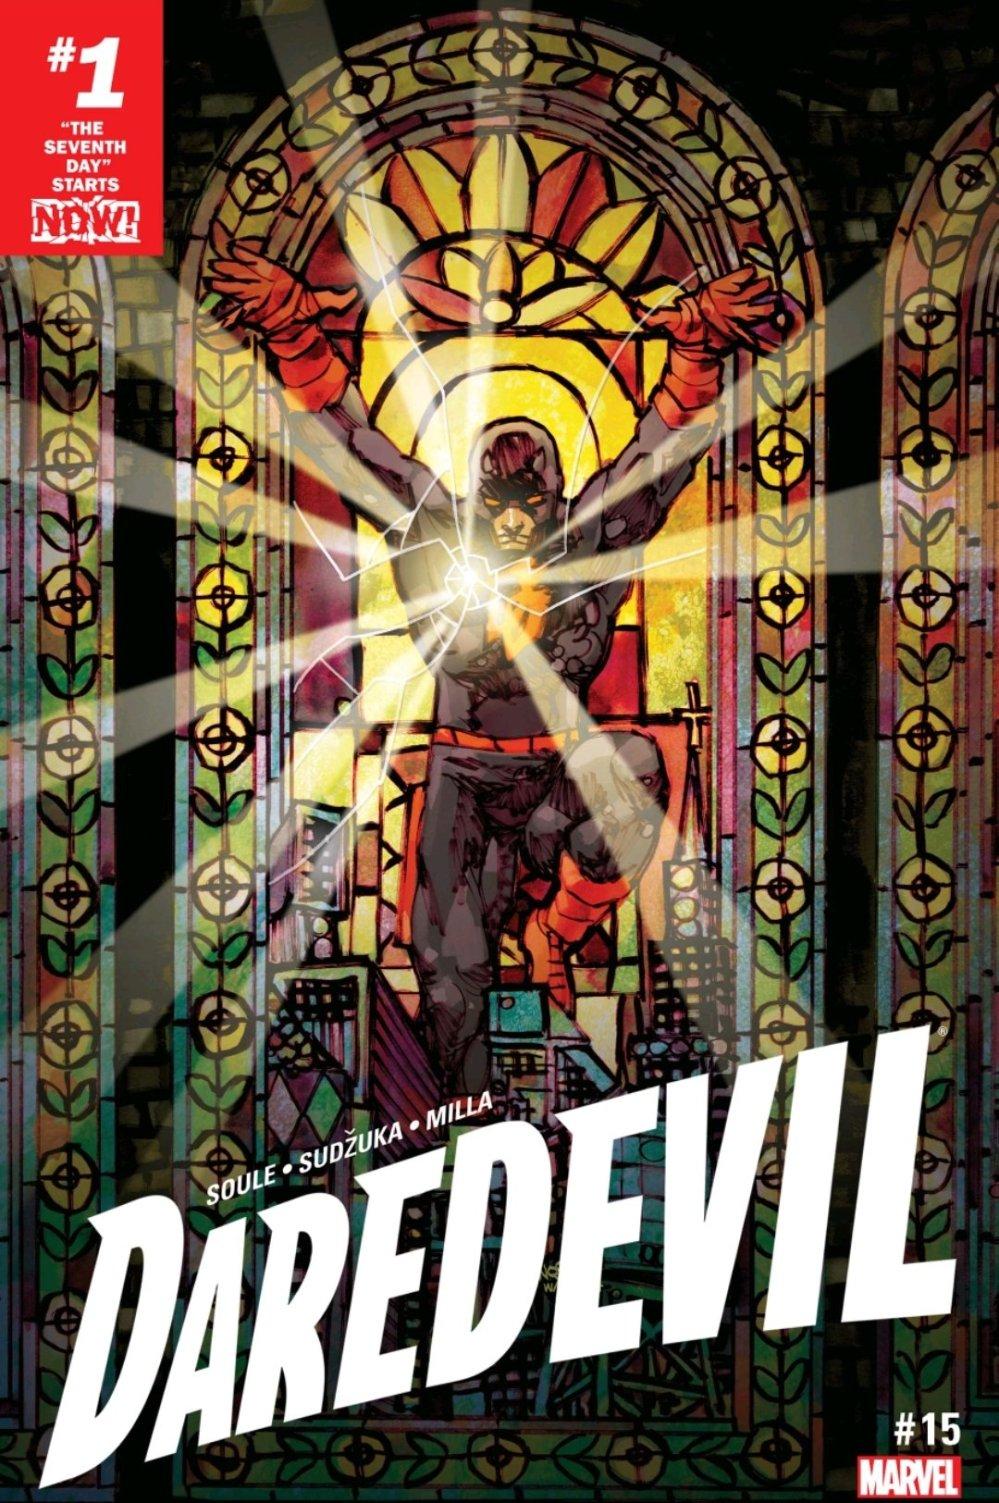 Daredevil issue 15 cover